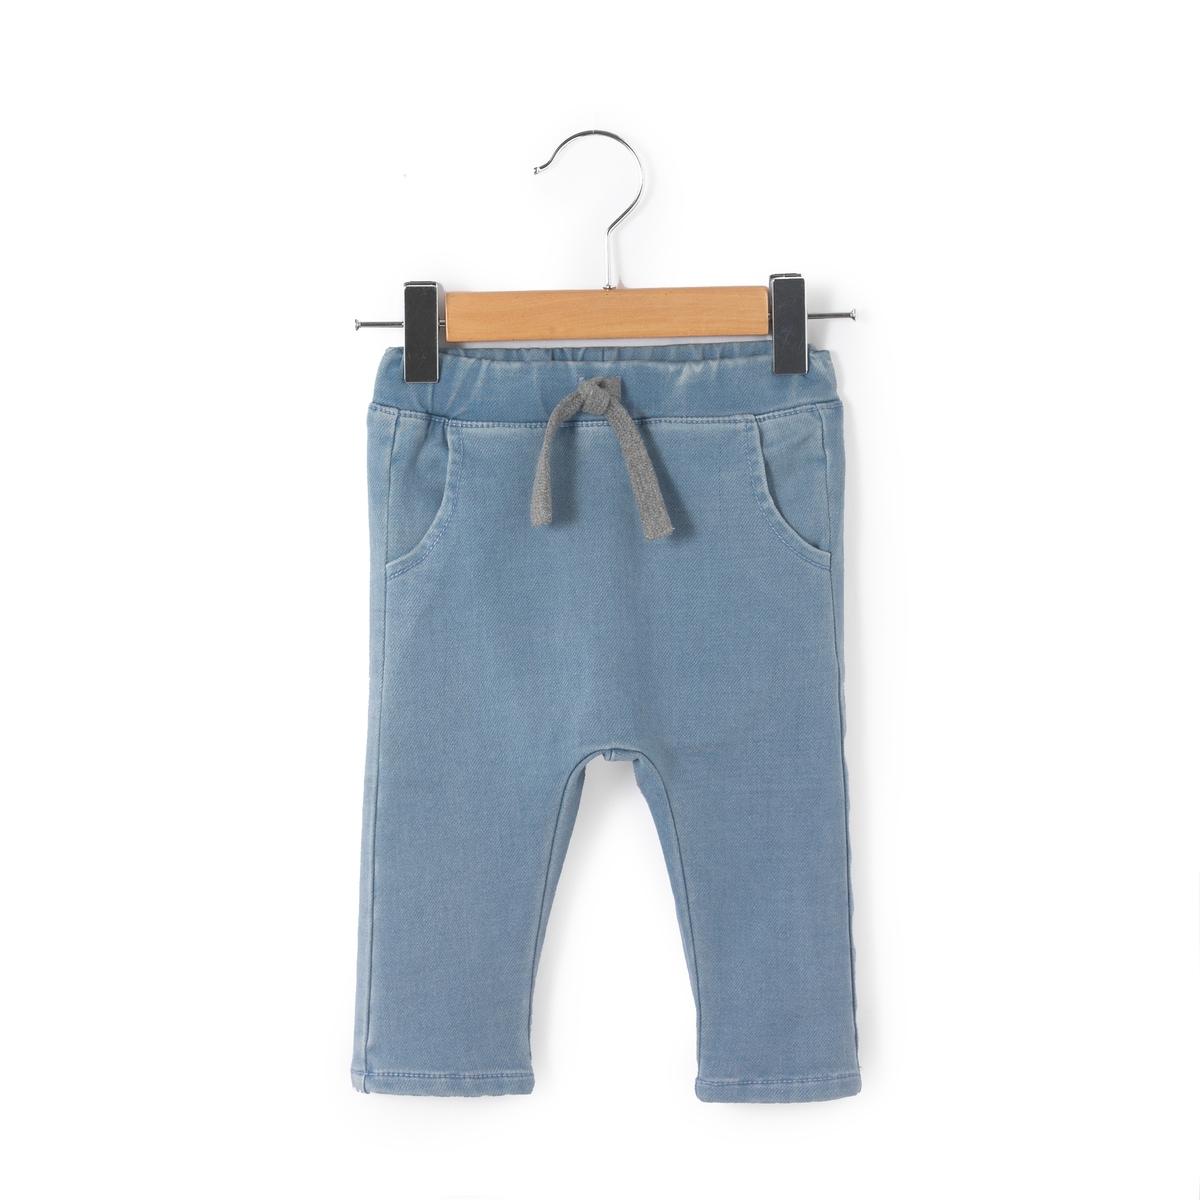 Джинсы широкие, расклешенные джинсы расклешенные длина 34